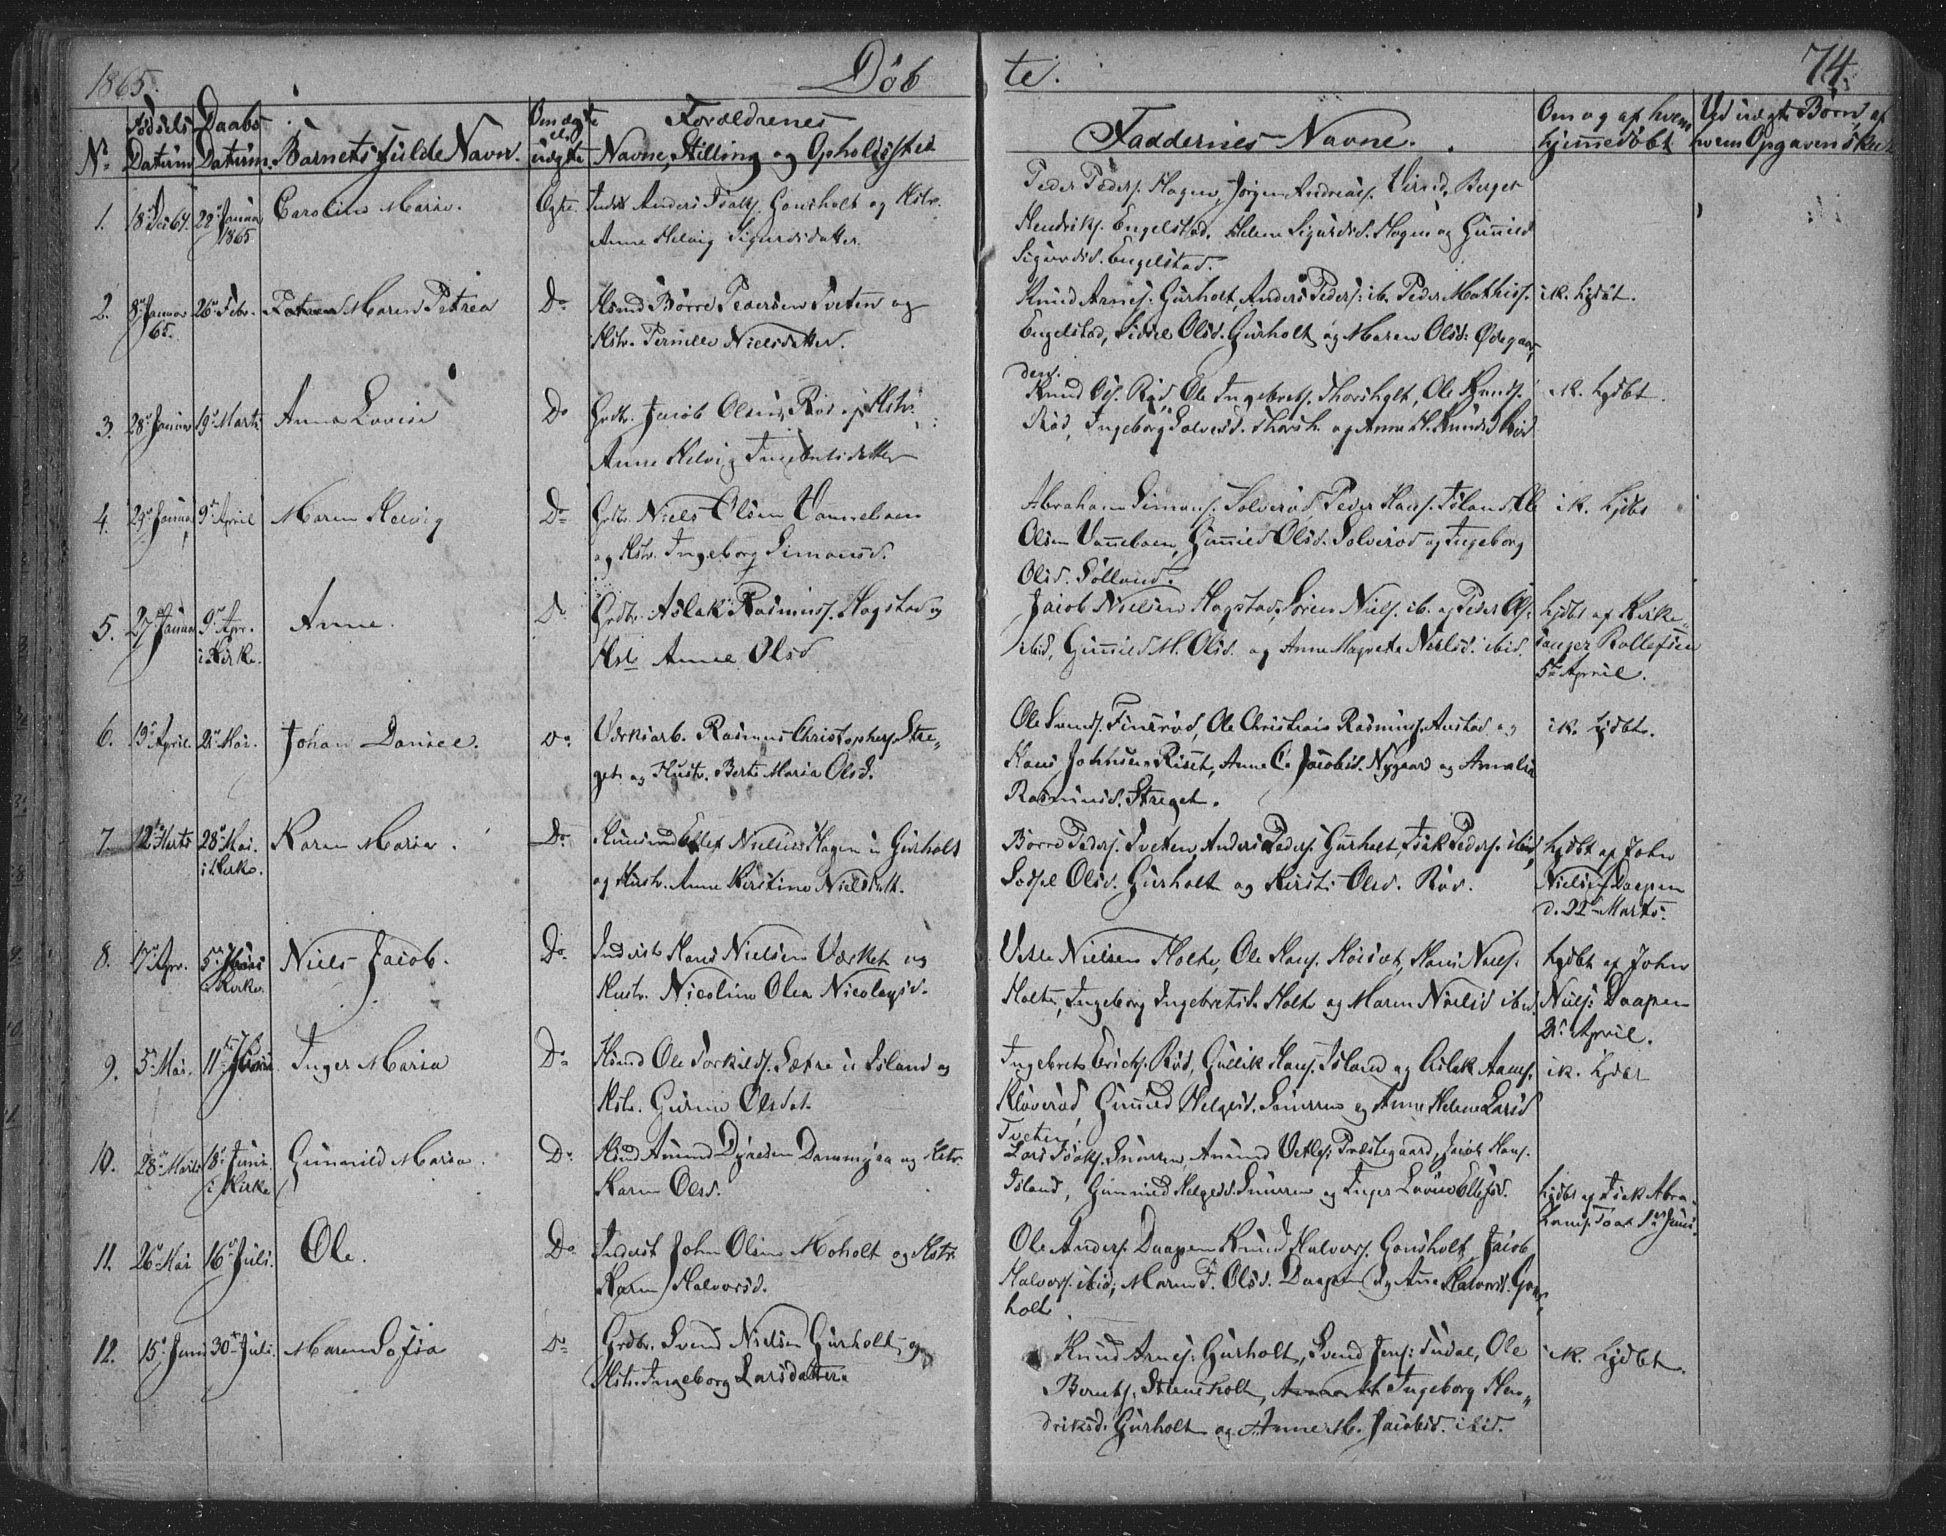 SAKO, Siljan kirkebøker, F/Fa/L0001: Ministerialbok nr. 1, 1831-1870, s. 74